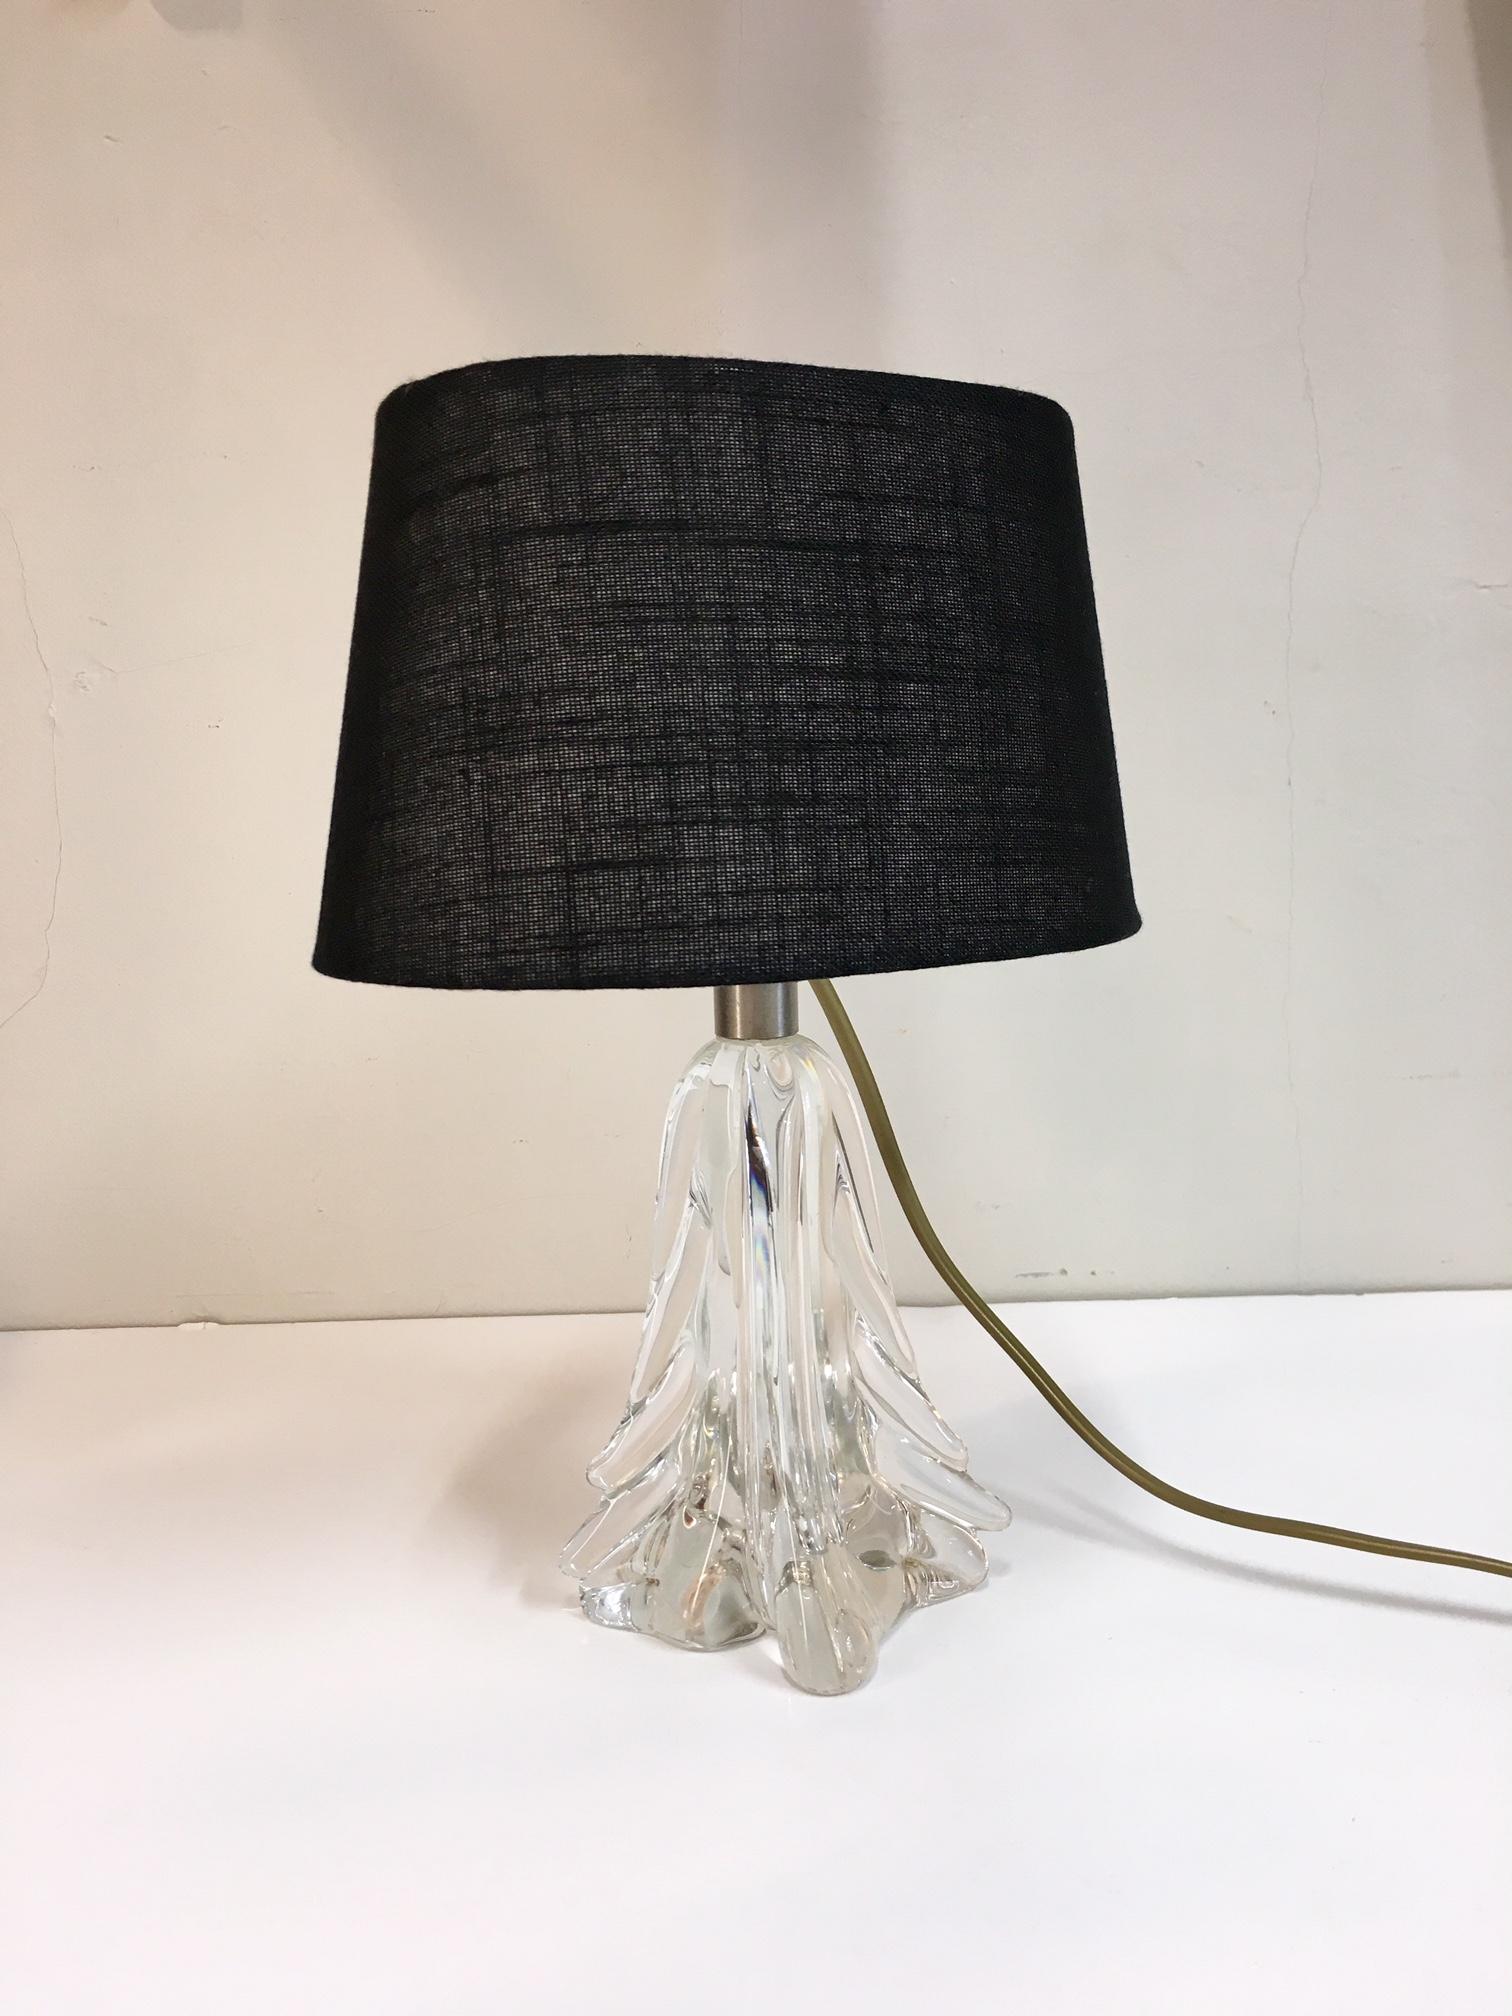 Cristal Romesnil Rétro Lampe De Brocnshop Chic K3uFTJ51cl